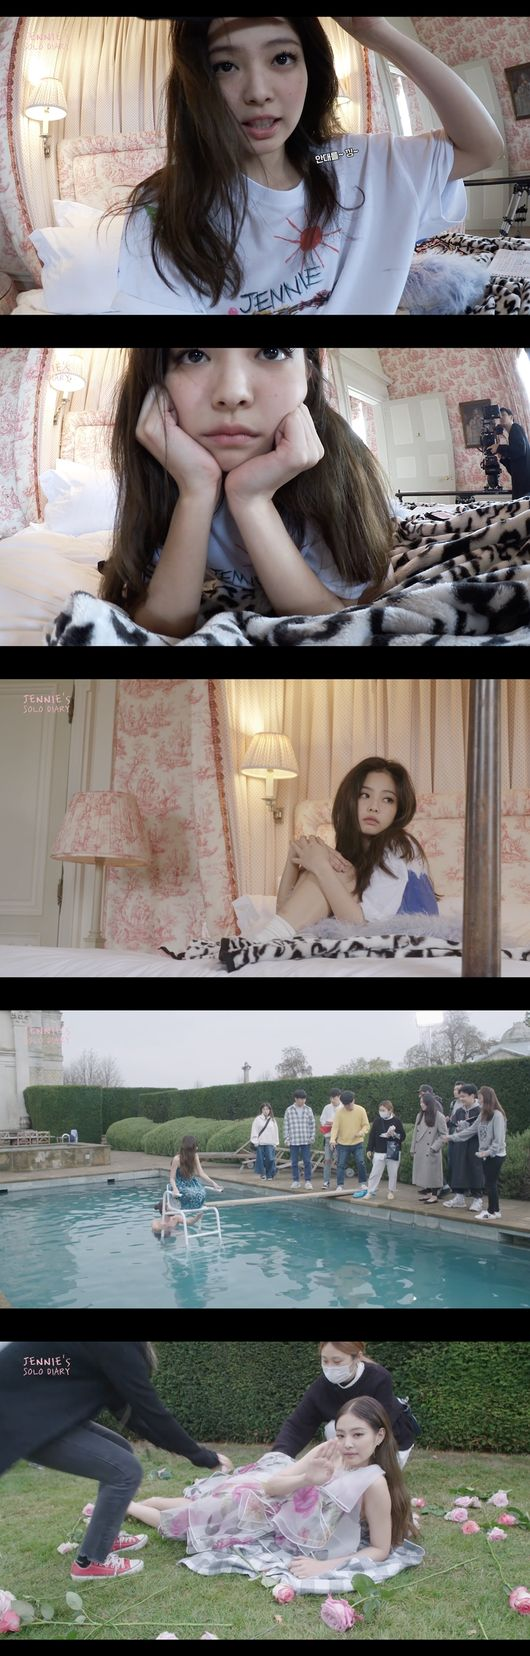 블랙핑크 제니, 솔로 MV 5500만뷰 돌파…英 런던촬영 비하인드 공개